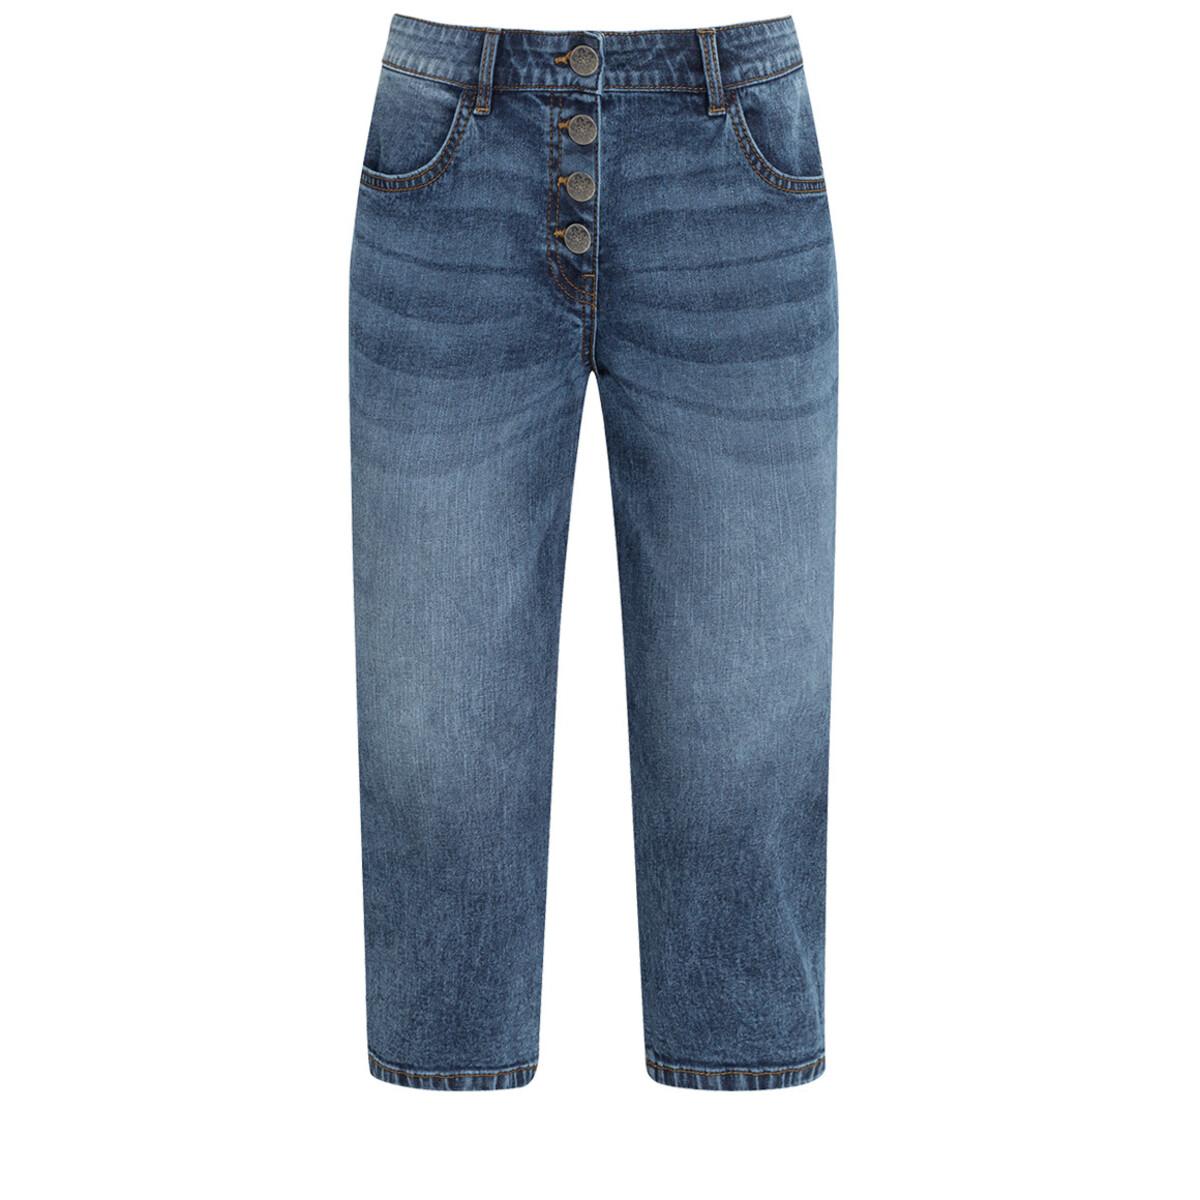 Bild 1 von 3/4 Damen Slim-Jeans mit Knopfleiste